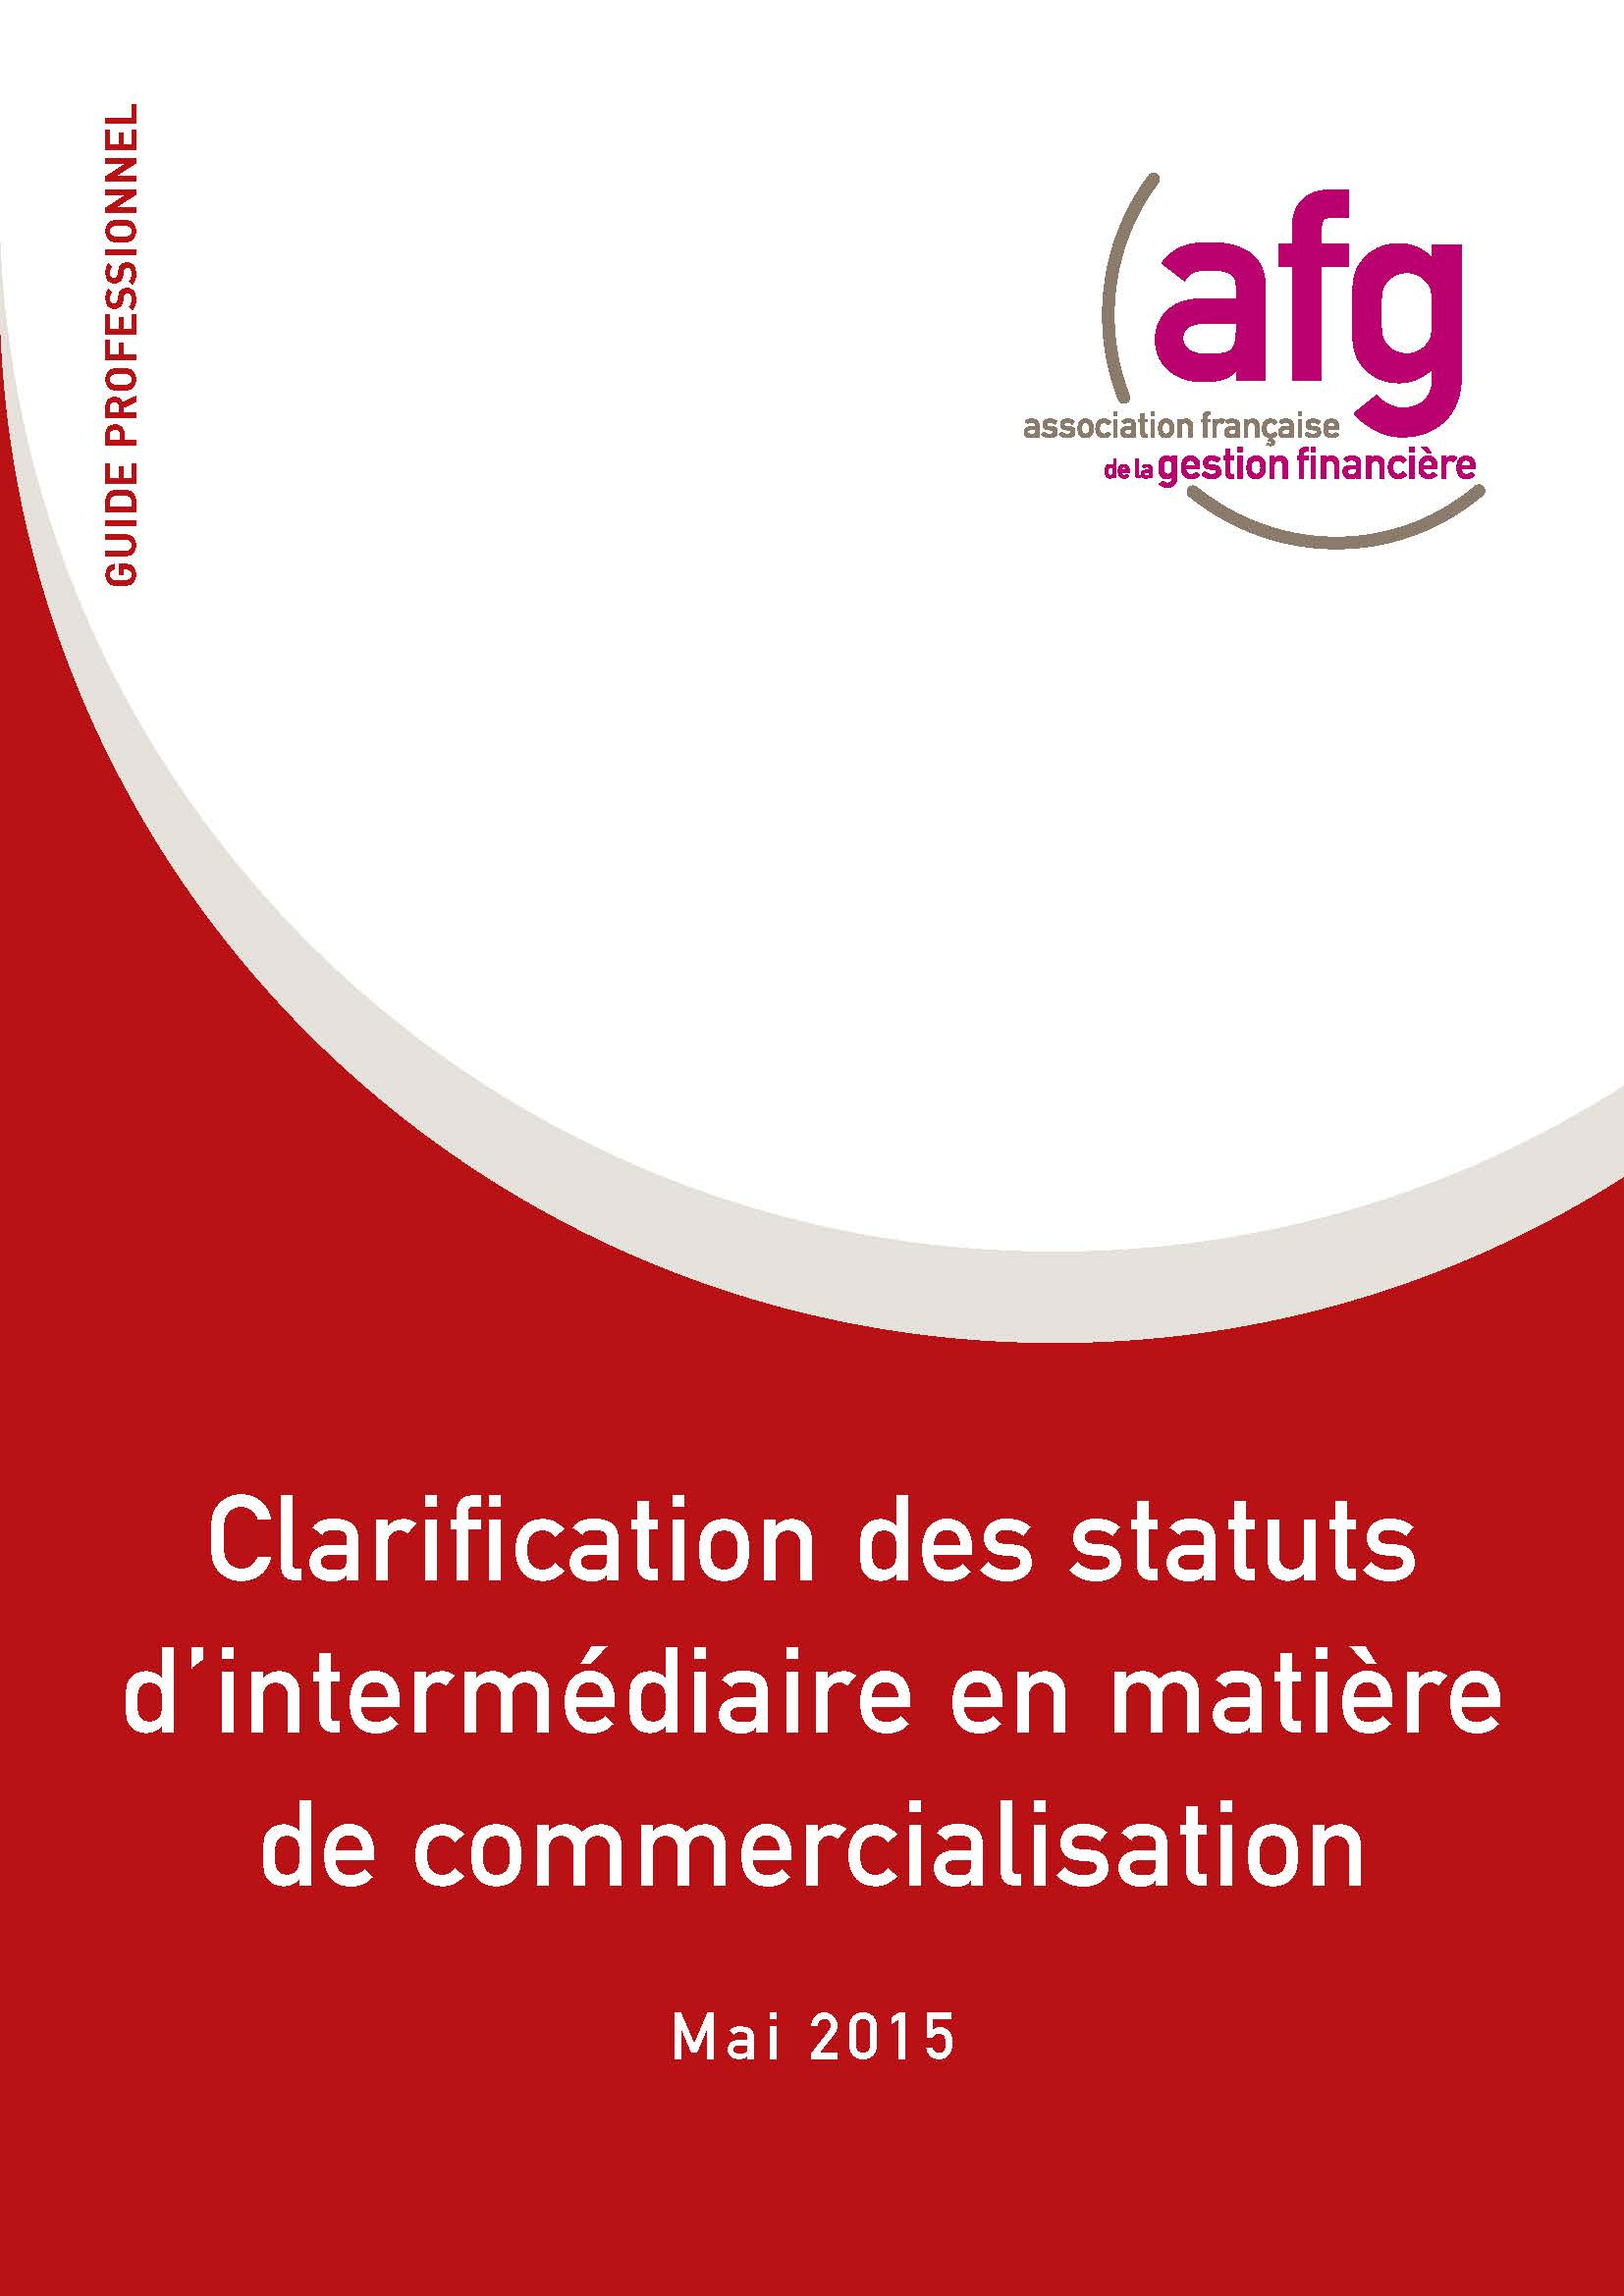 2015 05 GuidePro Statut Intermédiaires